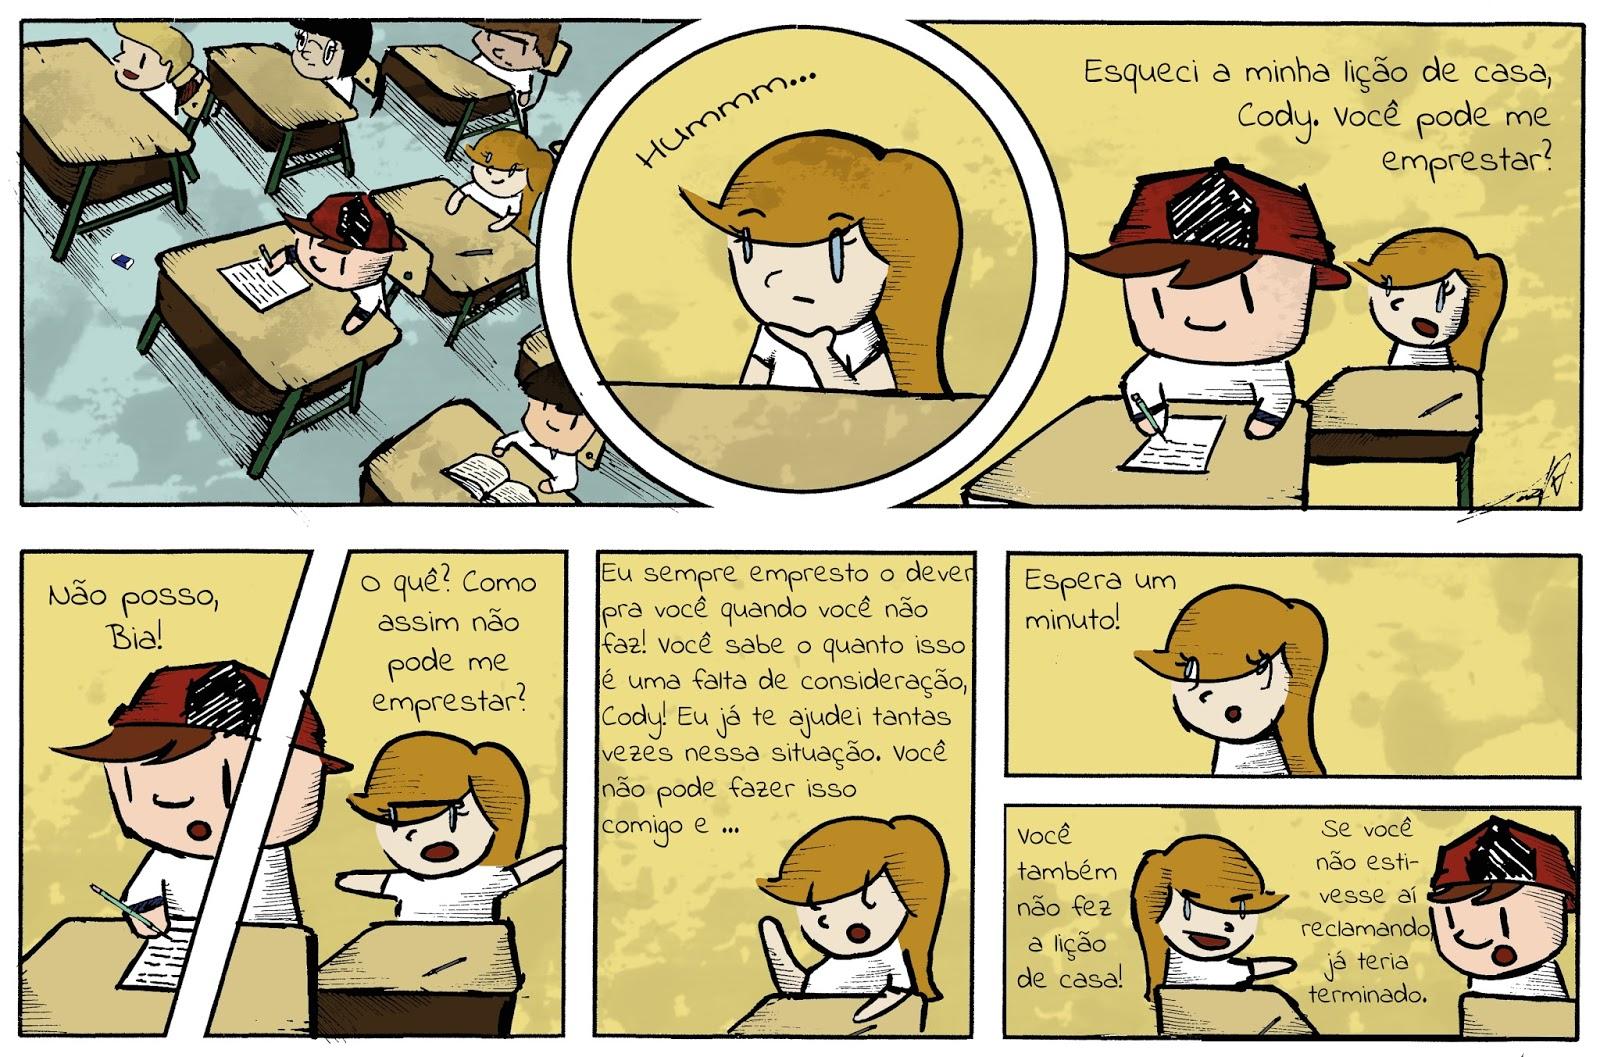 Tirinha sobre a lição de casa